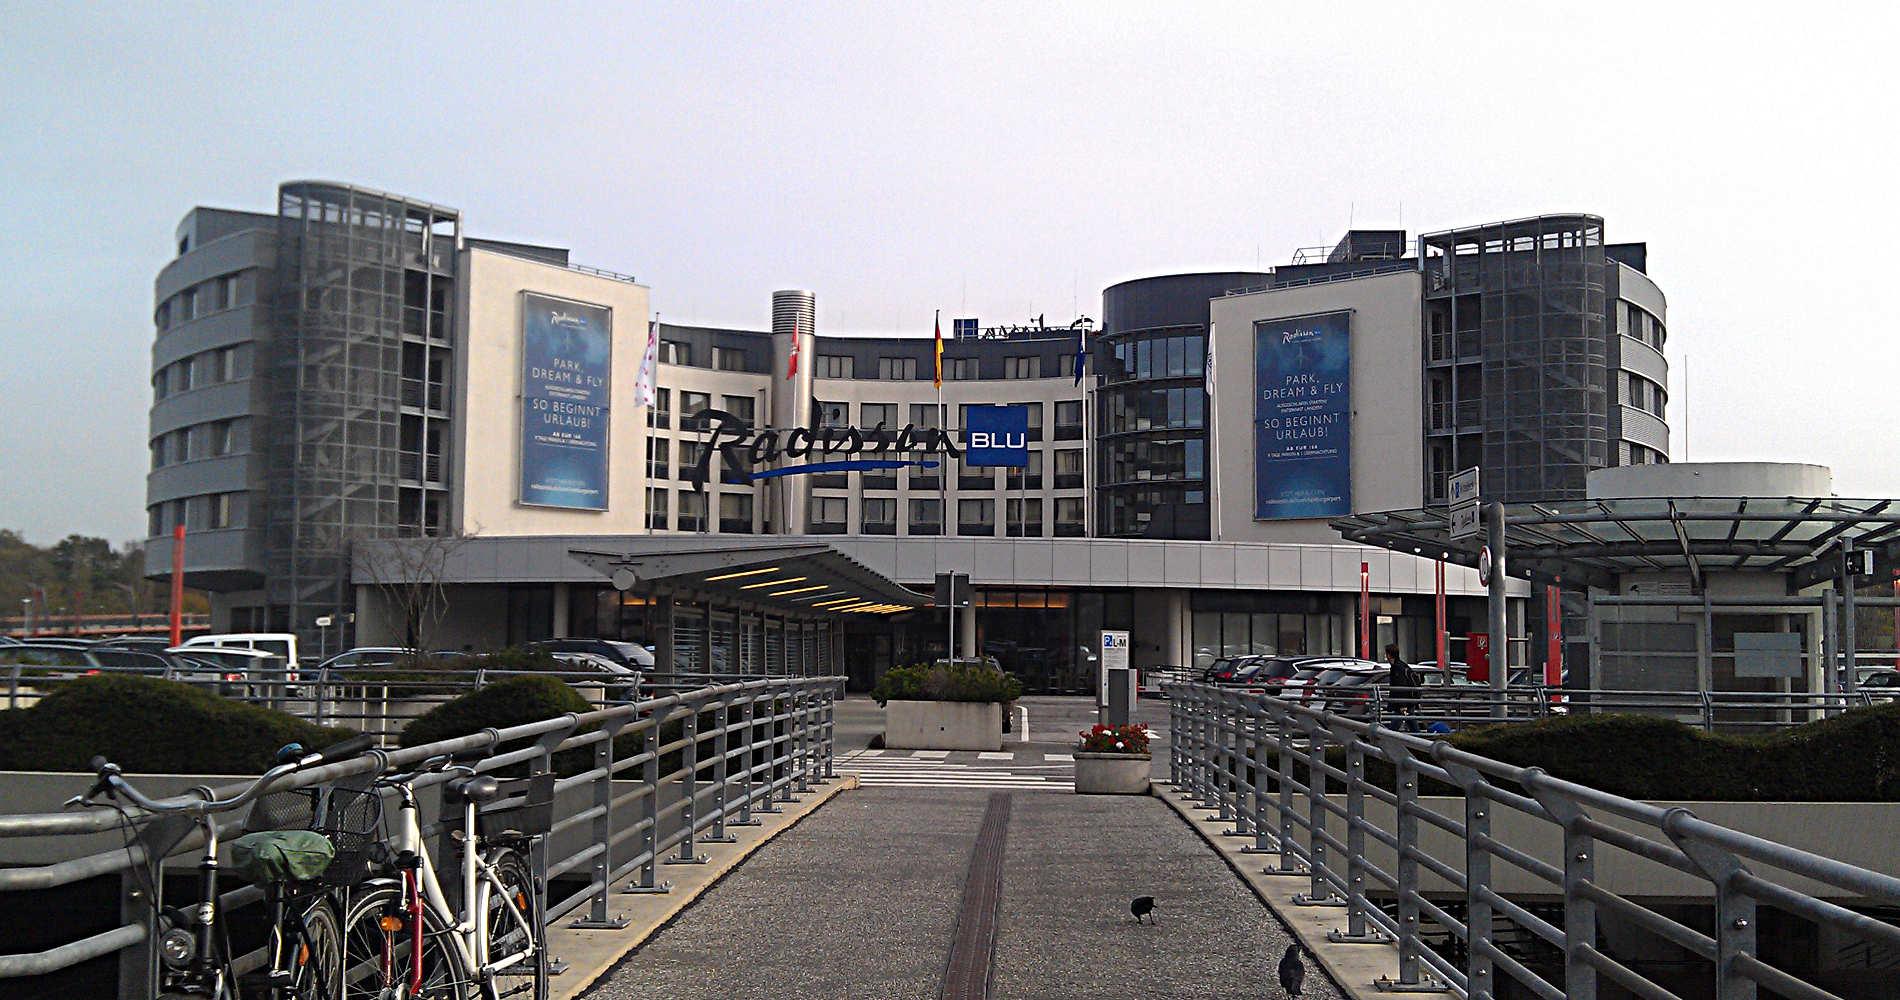 Das Radisson Blu Hotel Hamburg Airport vom Flughafen Hamburg aus gesehen